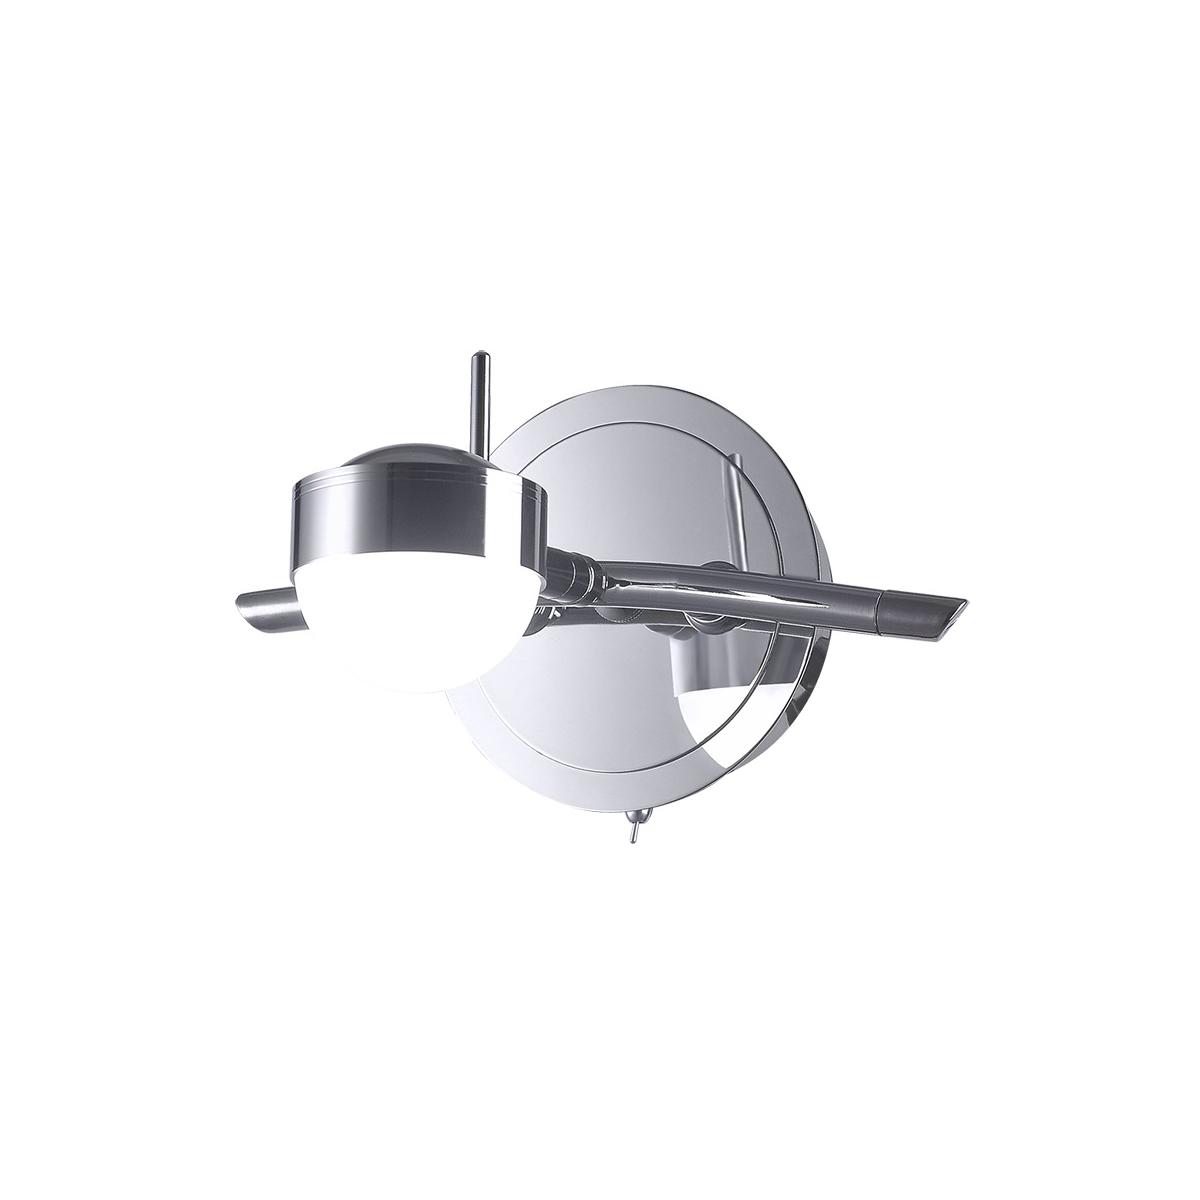 Спот SaviniСпоты<br>&amp;lt;div&amp;gt;&amp;lt;span style=&amp;quot;line-height: 24.9999px;&amp;quot;&amp;gt;Спот Savini снабжен шарнирным механизмом, позволяющий менять направление освещения. Светильник имеет металлический выключатель на корпусе. Спот поставляется в собранном виде и имеет в комплекте все необходимые для монтажа крепежные элементы.&amp;lt;/span&amp;gt;&amp;lt;br&amp;gt;&amp;lt;/div&amp;gt;&amp;lt;div&amp;gt;&amp;lt;br&amp;gt;&amp;lt;/div&amp;gt;&amp;lt;div&amp;gt;Вид цоколя: LED&amp;lt;/div&amp;gt;&amp;lt;div&amp;gt;Мощность ламп: 5W (эквивалент лампы накаливания 33W)&amp;lt;/div&amp;gt;&amp;lt;div&amp;gt;Количество ламп: 1&amp;lt;/div&amp;gt;&amp;lt;div&amp;gt;Наличие ламп: встроенная светодиодная матрица&amp;lt;/div&amp;gt;&amp;lt;div&amp;gt;&amp;lt;span style=&amp;quot;line-height: 24.9999px;&amp;quot;&amp;gt;Цветовая температура 4000-4200К&amp;lt;/span&amp;gt;&amp;lt;br&amp;gt;&amp;lt;/div&amp;gt;&amp;lt;div&amp;gt;&amp;lt;br&amp;gt;&amp;lt;/div&amp;gt;<br><br>Material: Металл<br>Width см: 20<br>Depth см: 17<br>Height см: 11,5